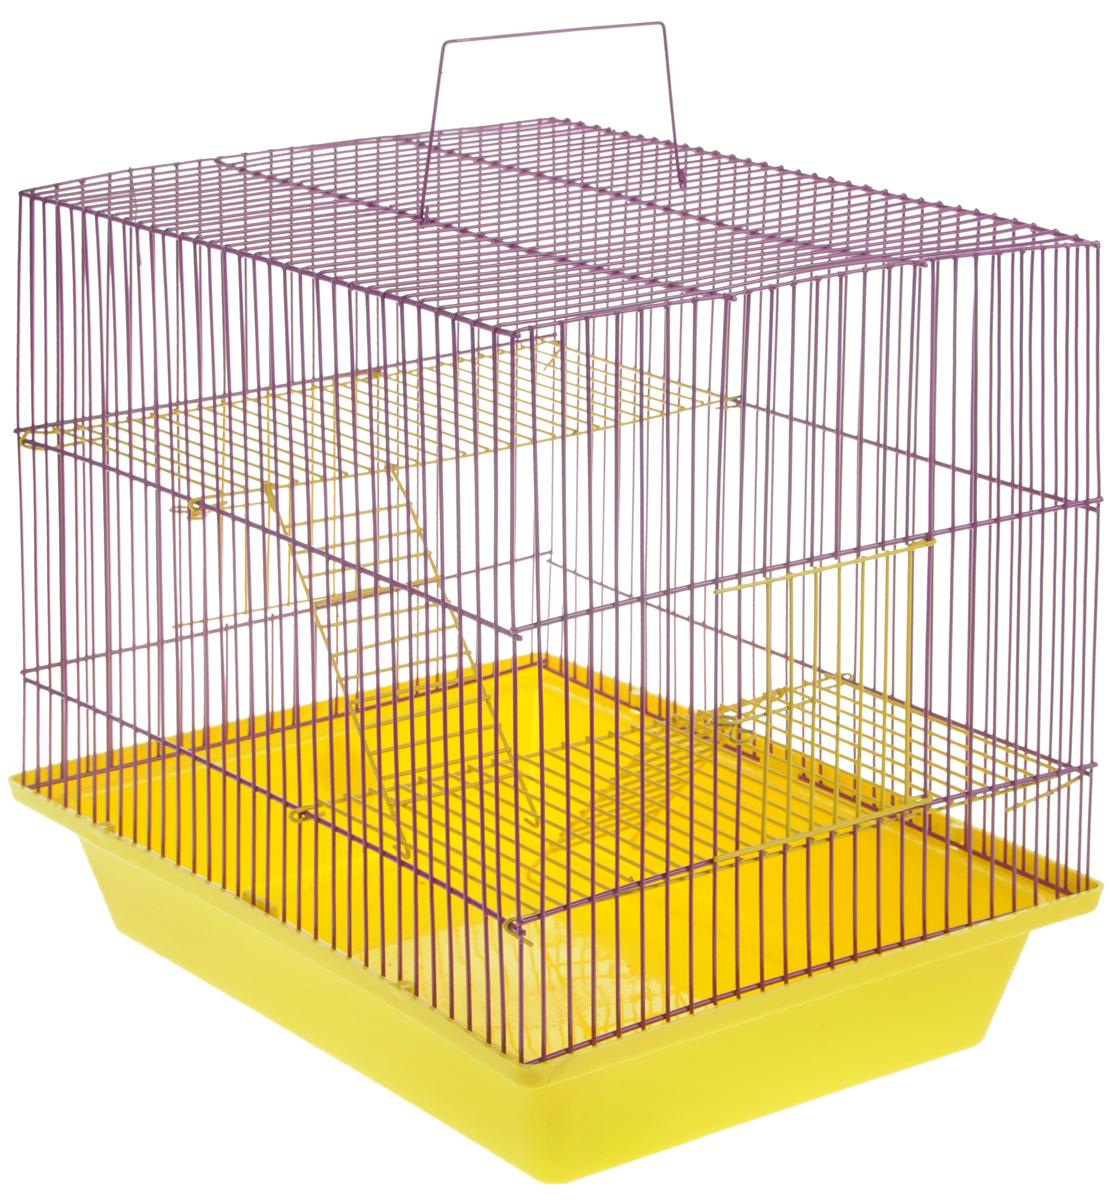 Клетка для грызунов ЗооМарк Гризли, 3-этажная, цвет: желтый поддон, фиолетовая решетка, желтые этажи, 41 х 30 х 36 см. 230ж230жЖФКлетка ЗооМарк Гризли, выполненная из полипропилена и металла, подходит для мелких грызунов. Изделие трехэтажное. Клетка имеет яркий поддон, удобна в использовании и легко чистится. Сверху имеется ручка для переноски. Такая клетка станет уединенным личным пространством и уютным домиком для маленького грызуна.